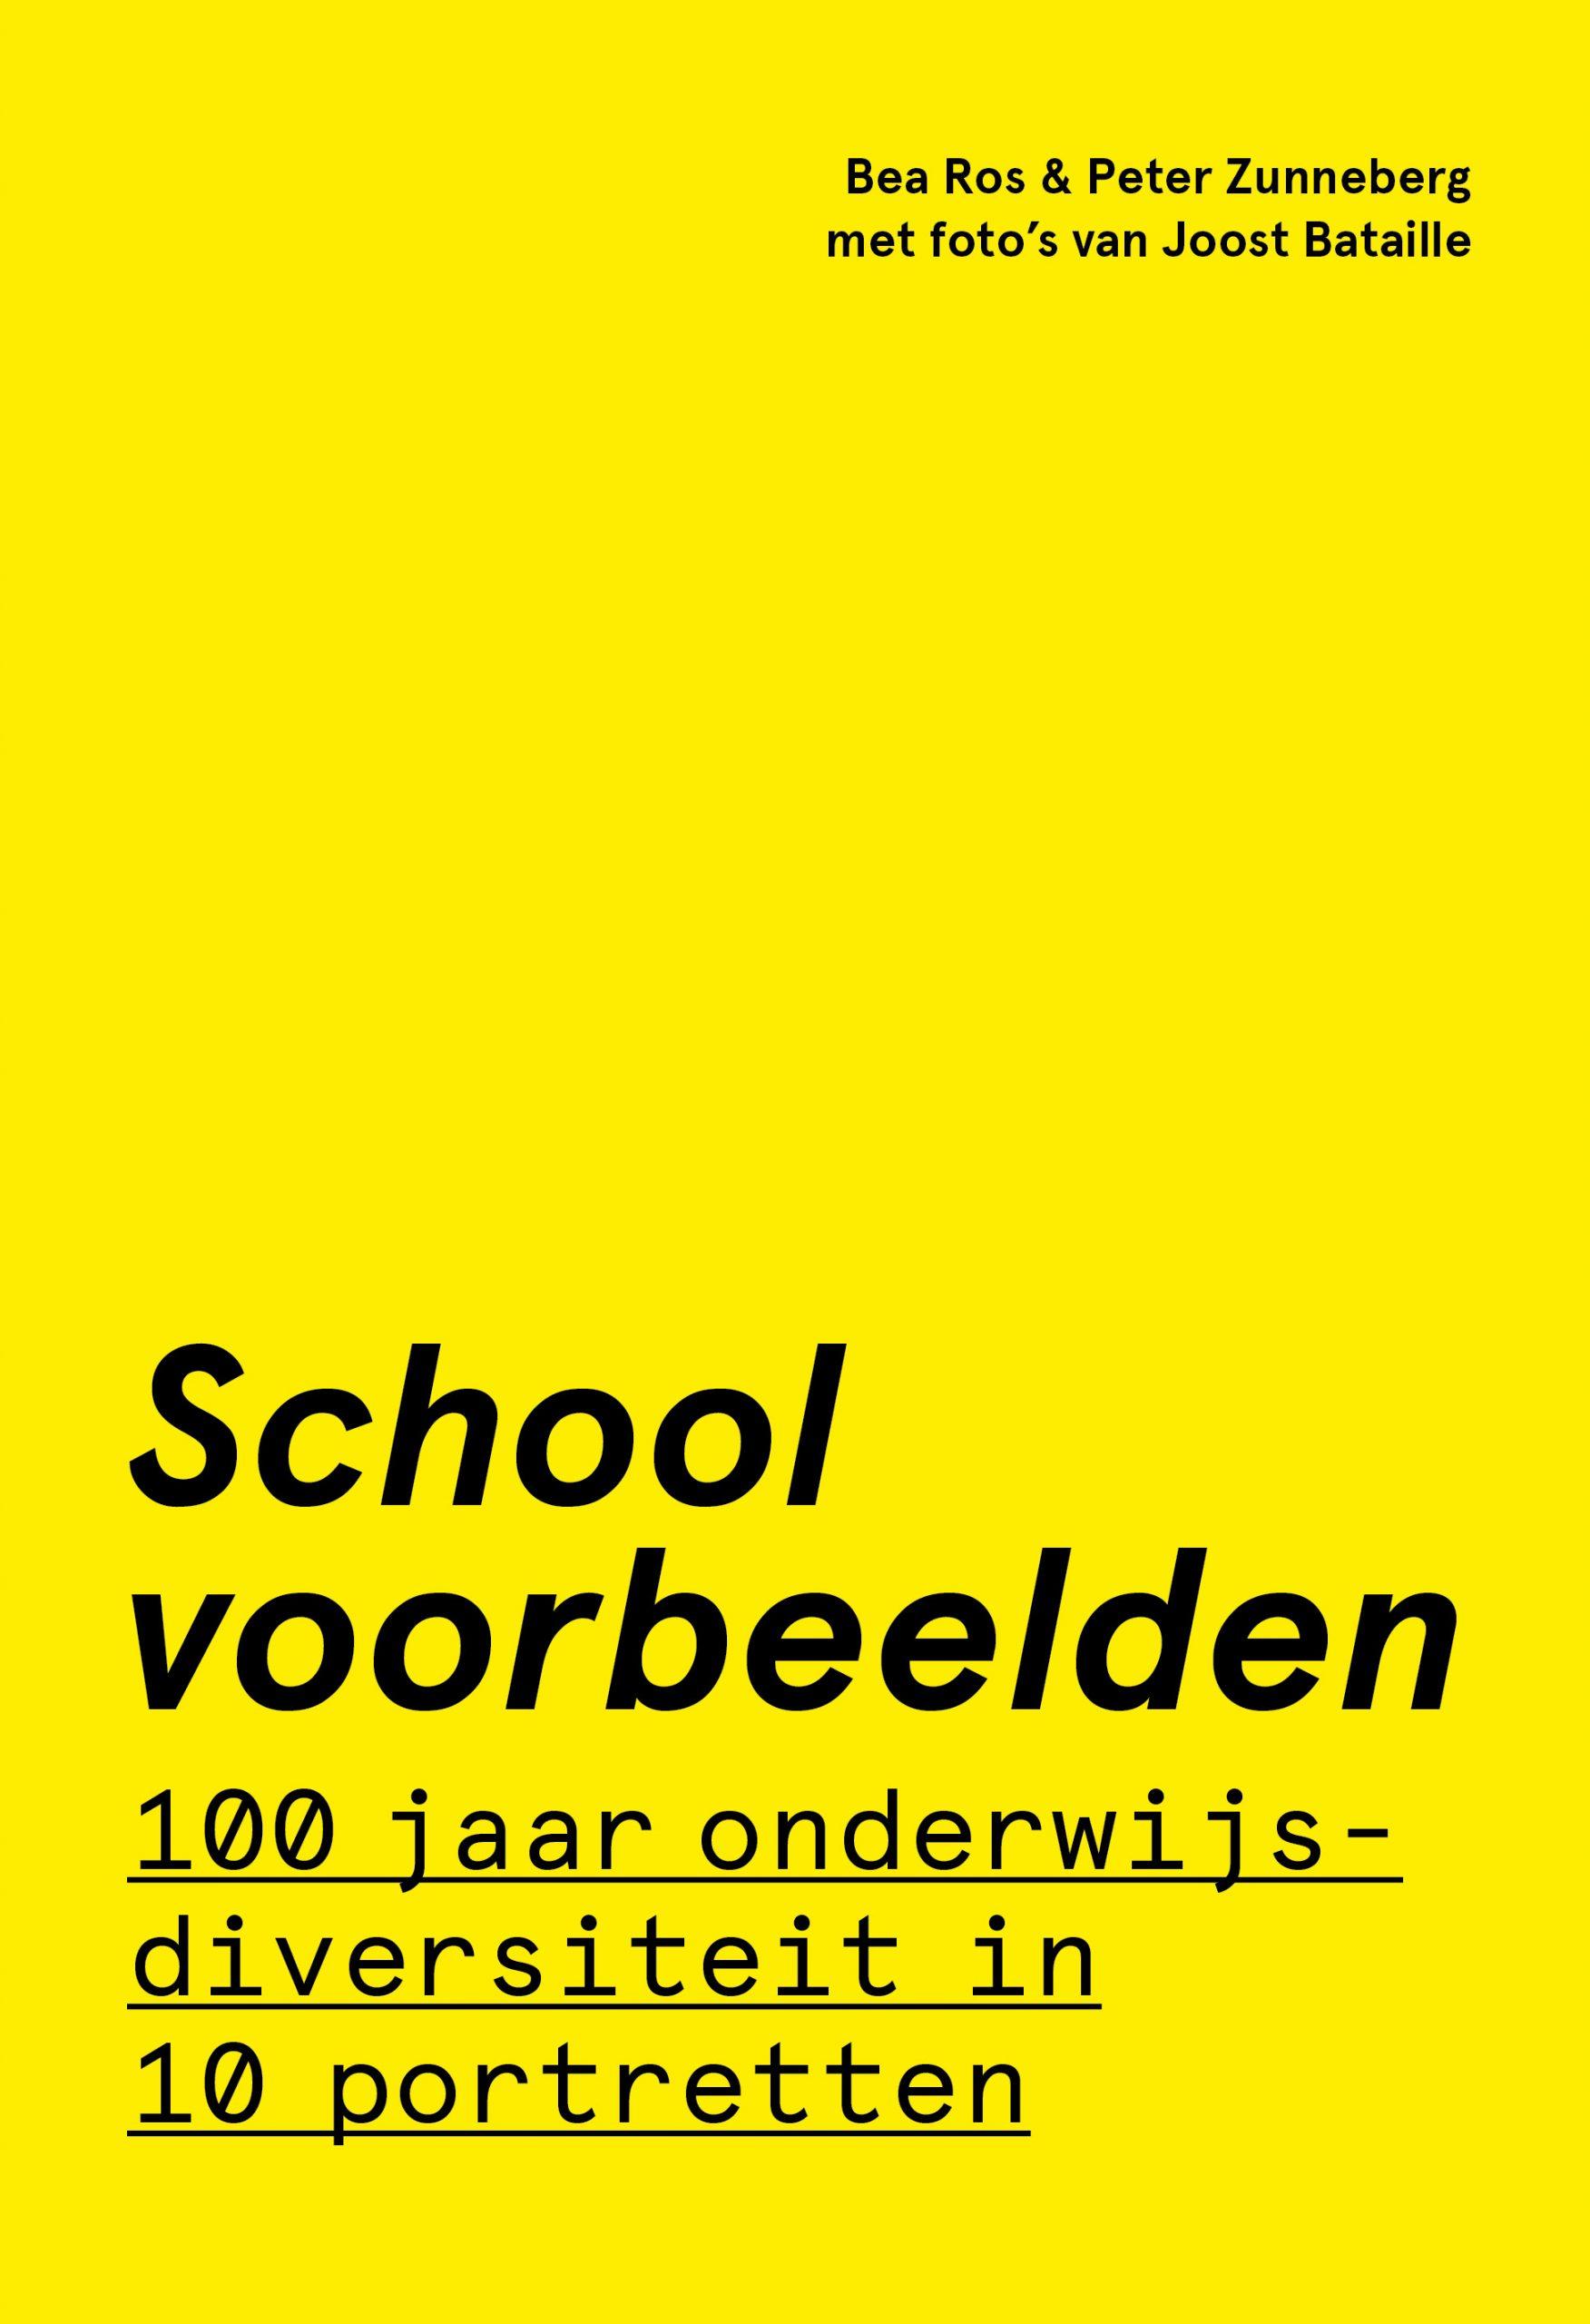 Schoolvoorbeelden